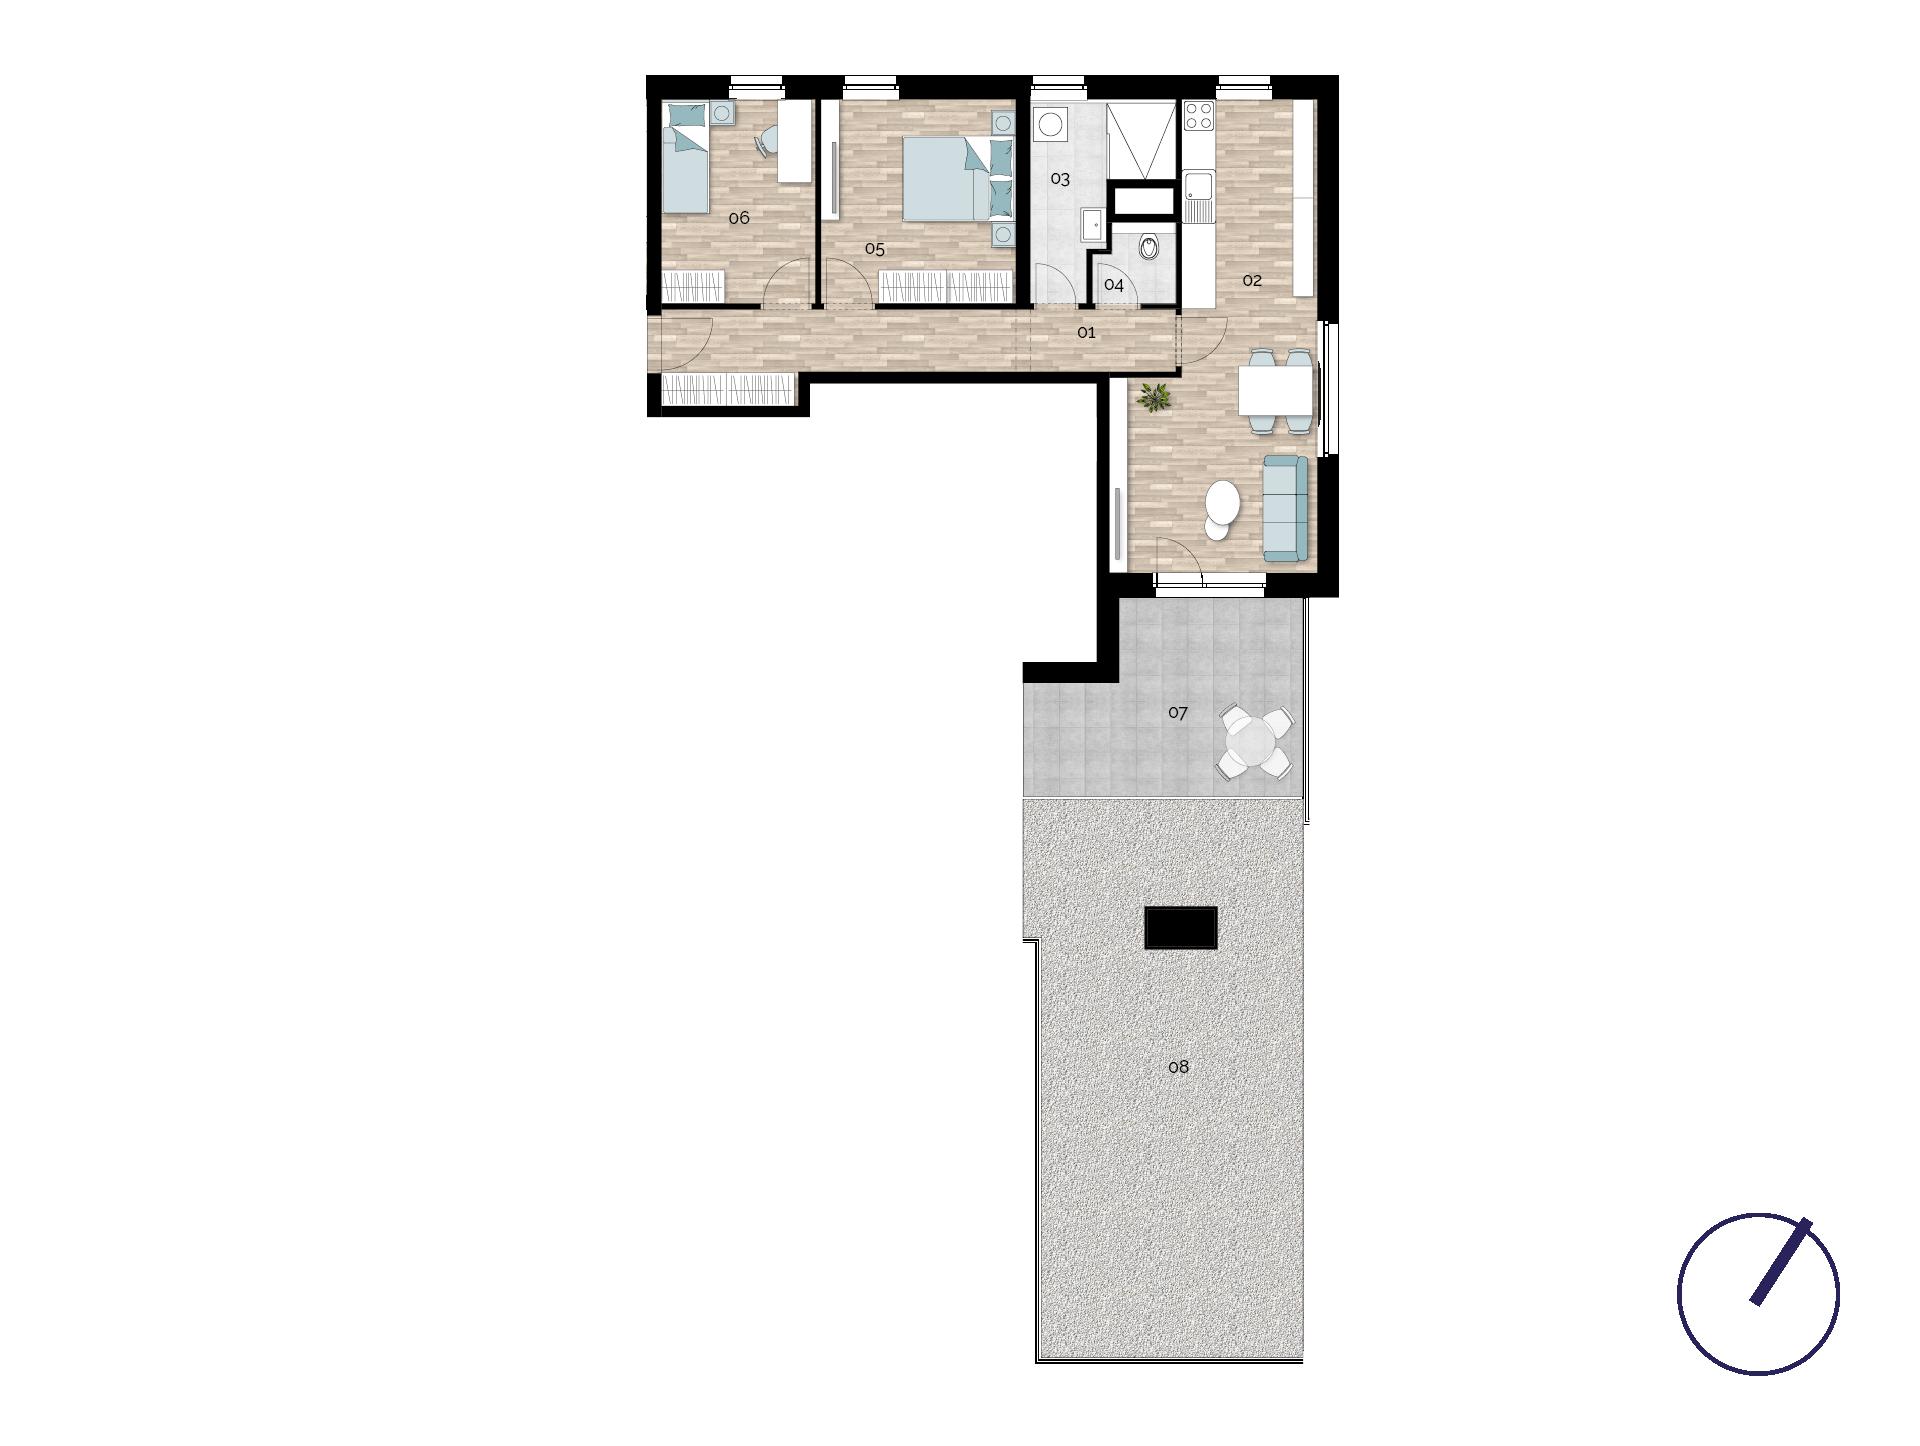 Detail Nemovitosti - Rezidence U Rokytky, Praha 9 2A8 / 2. NP